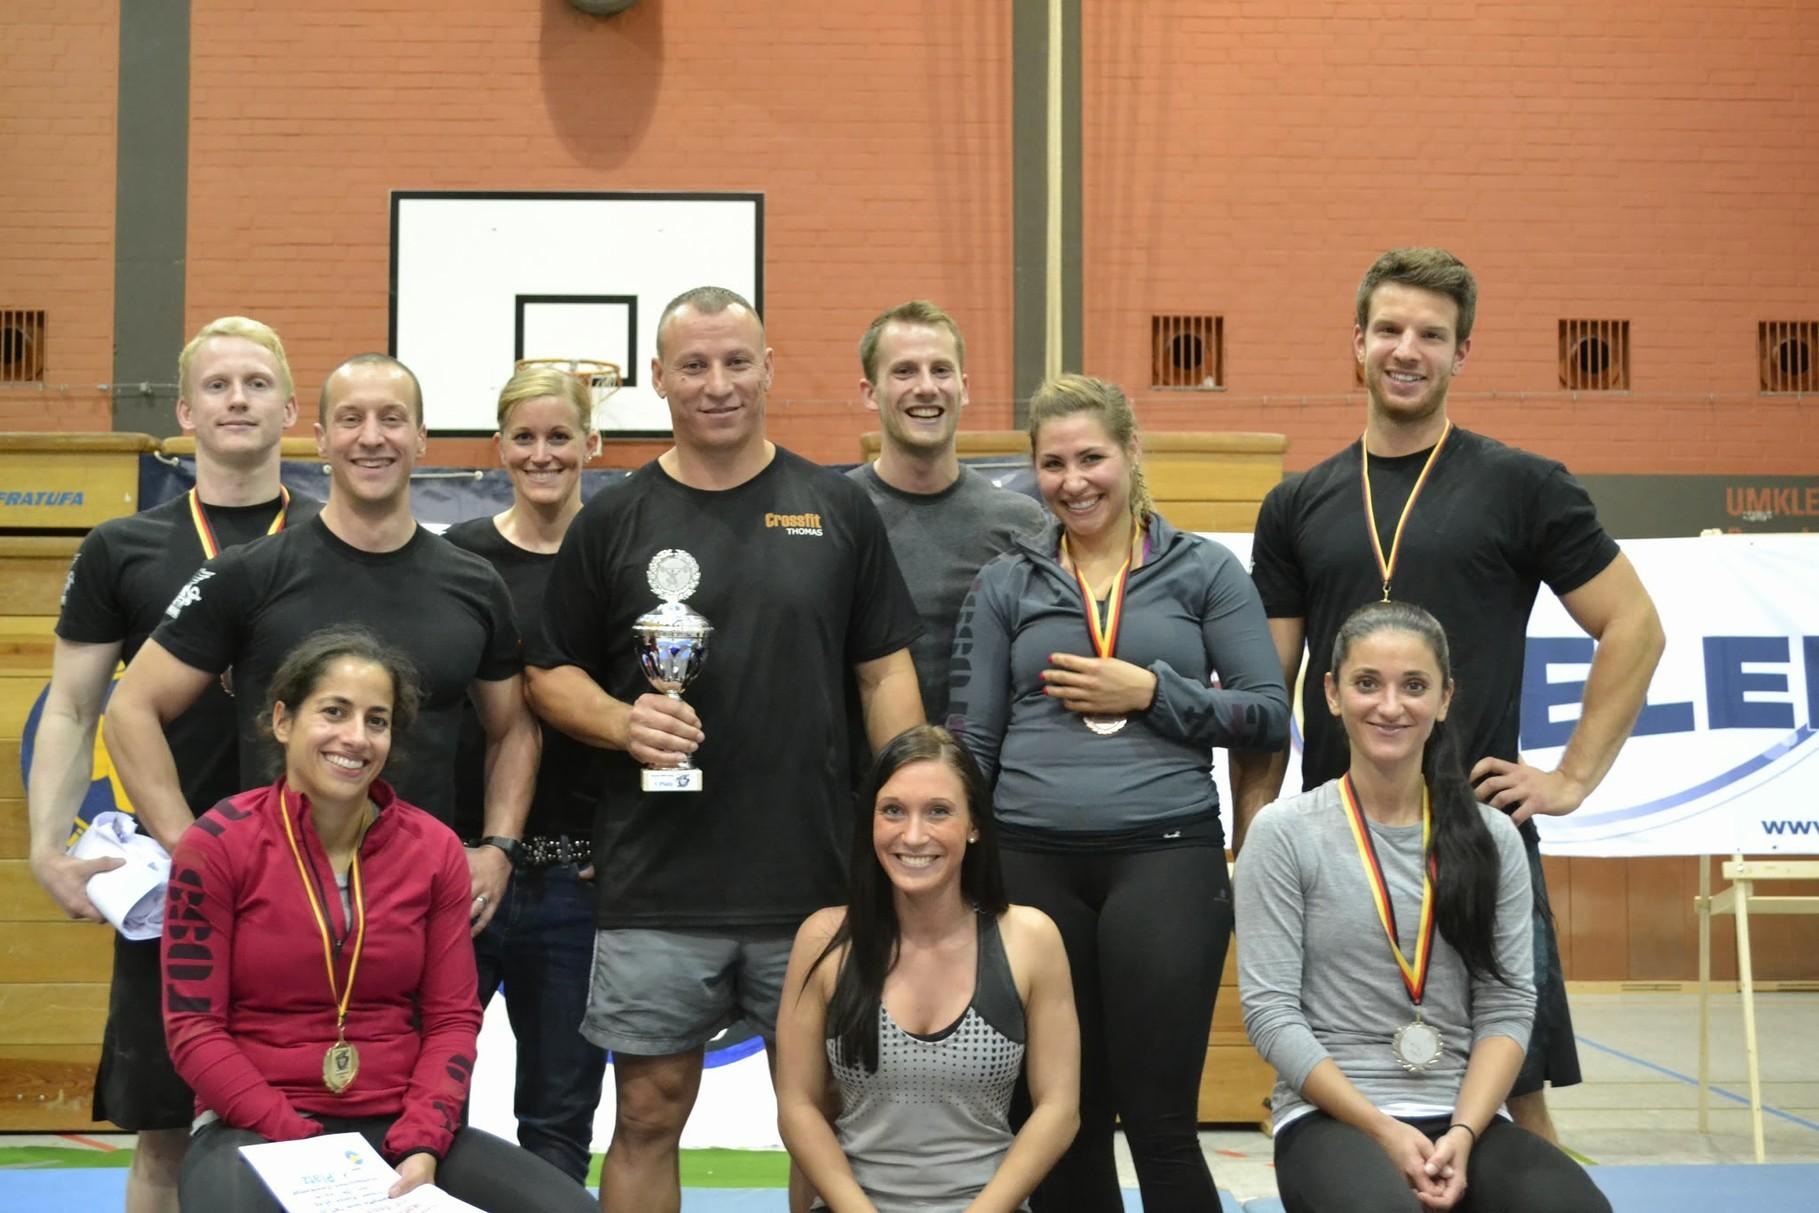 Die Teamsieger aus Karlsruhe - herzlichen Glückwunsch!